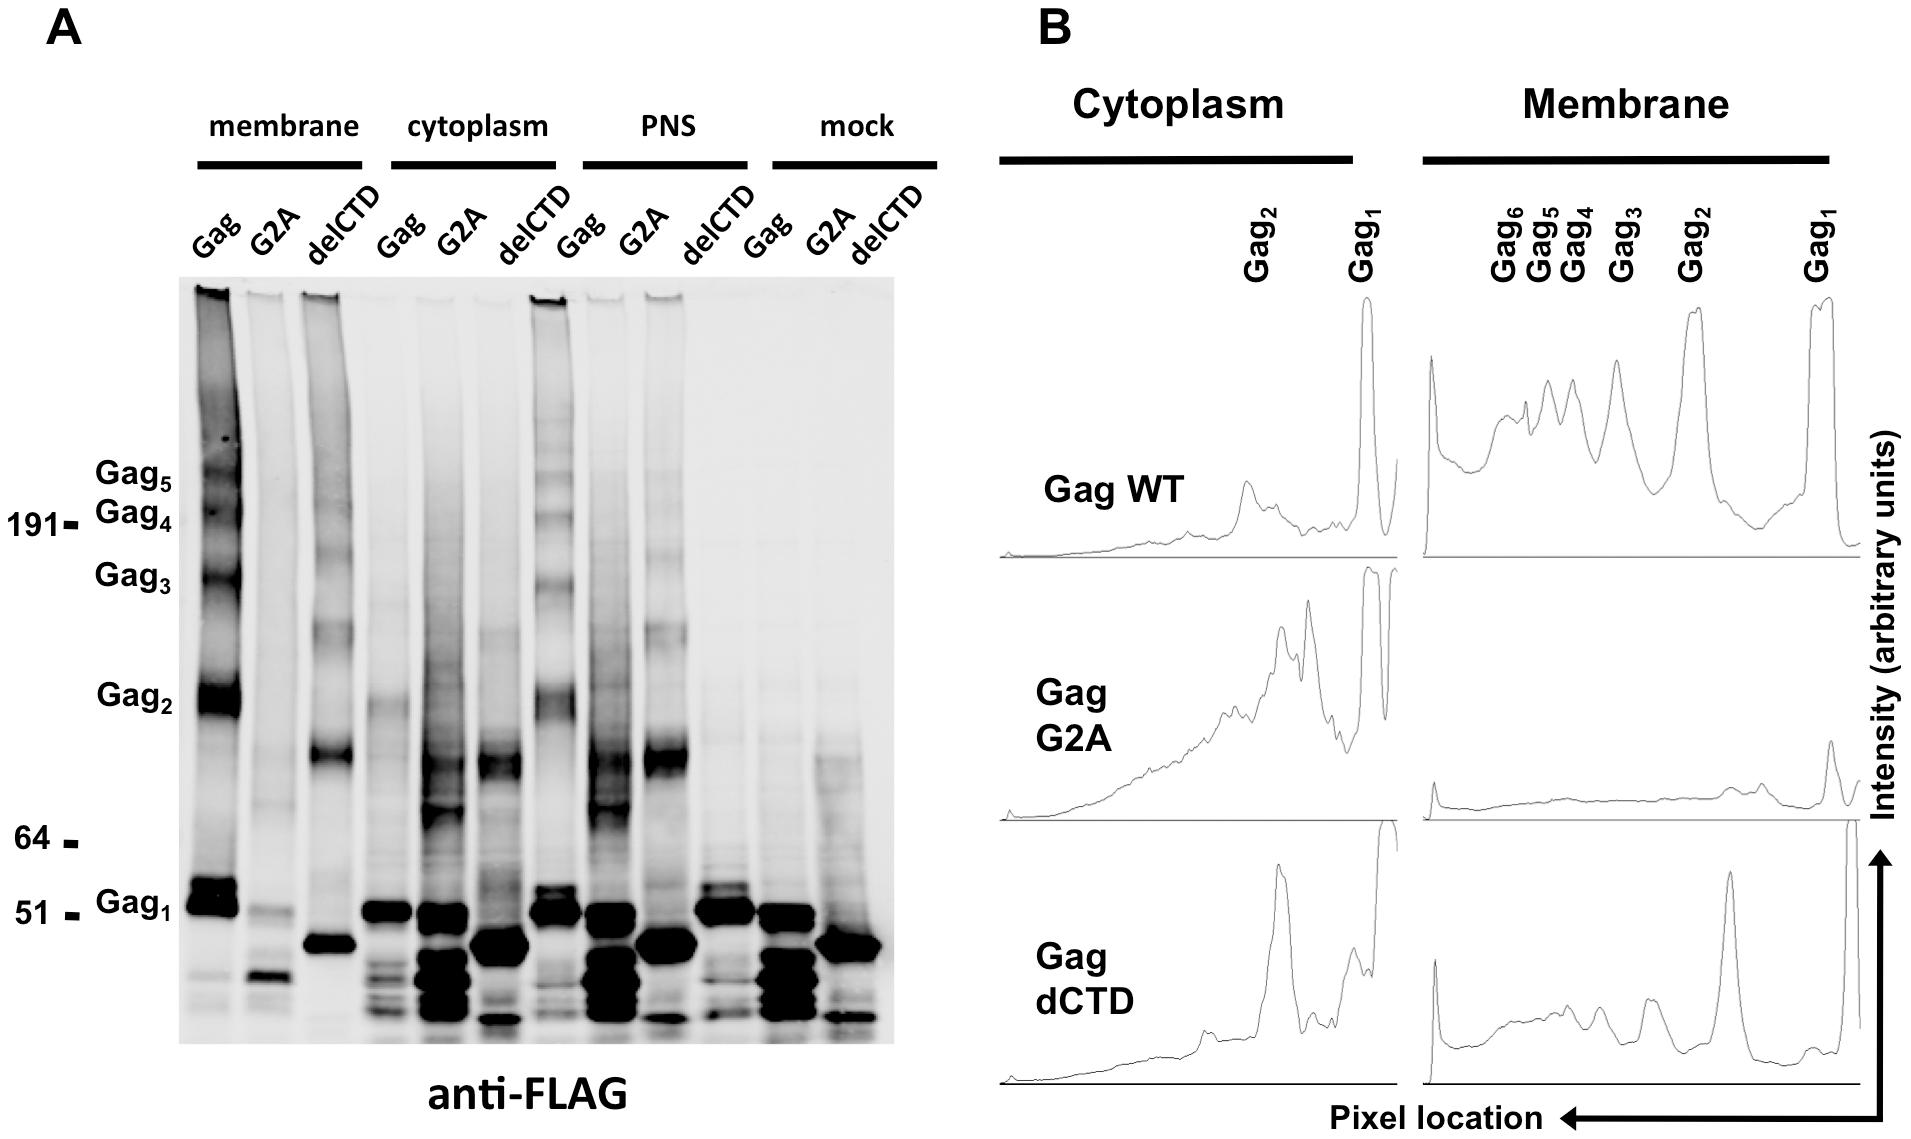 Multimerization of Gag, G2A-Gag, Gag-delCTD in plasma membrane and cytoplasm.